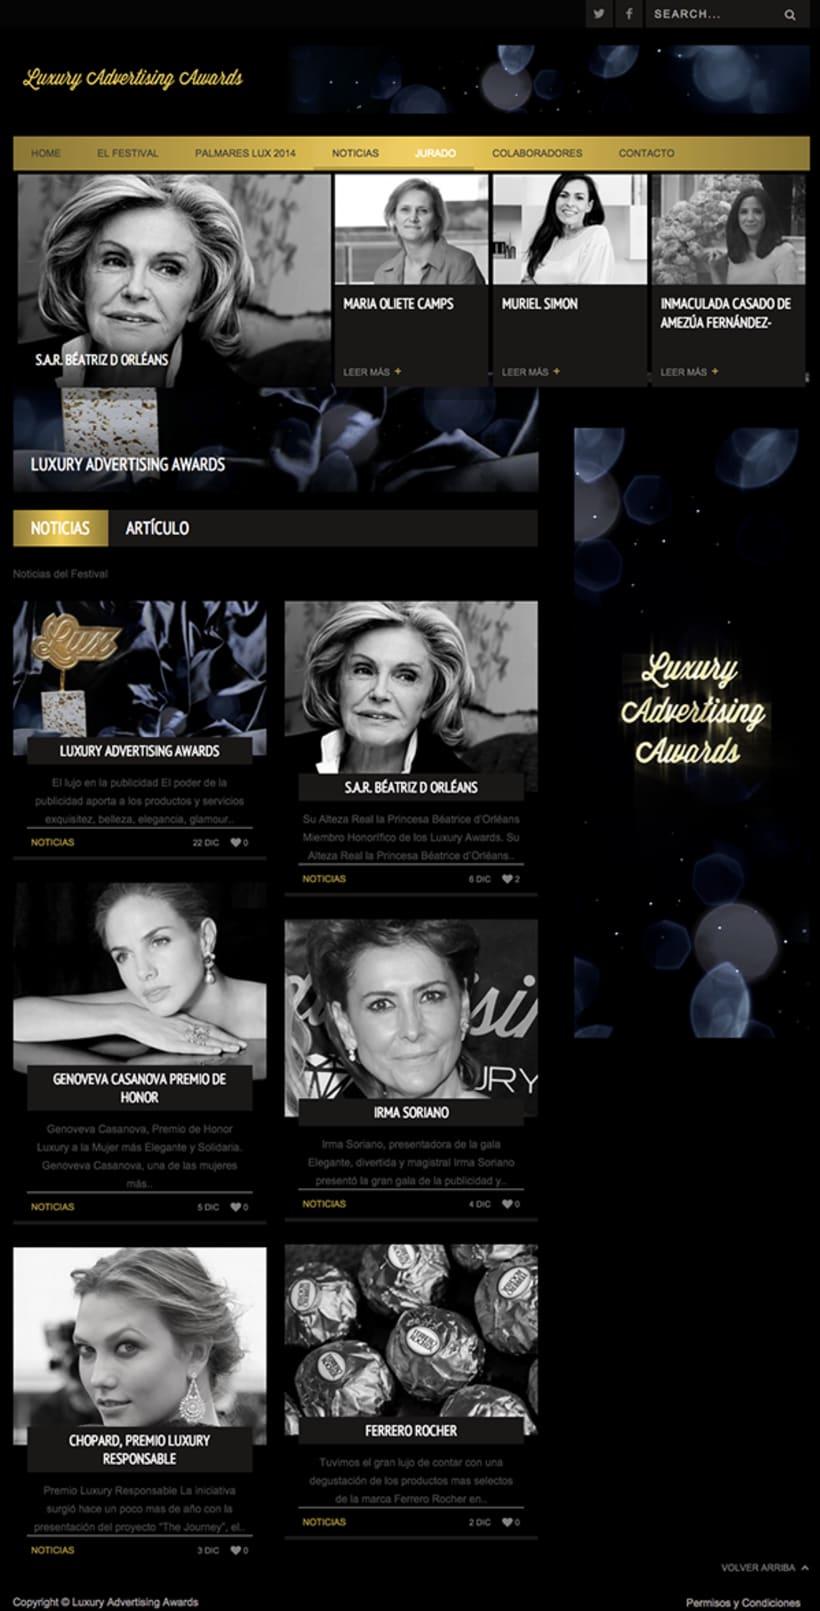 Luxury Advertising Awards Web 2